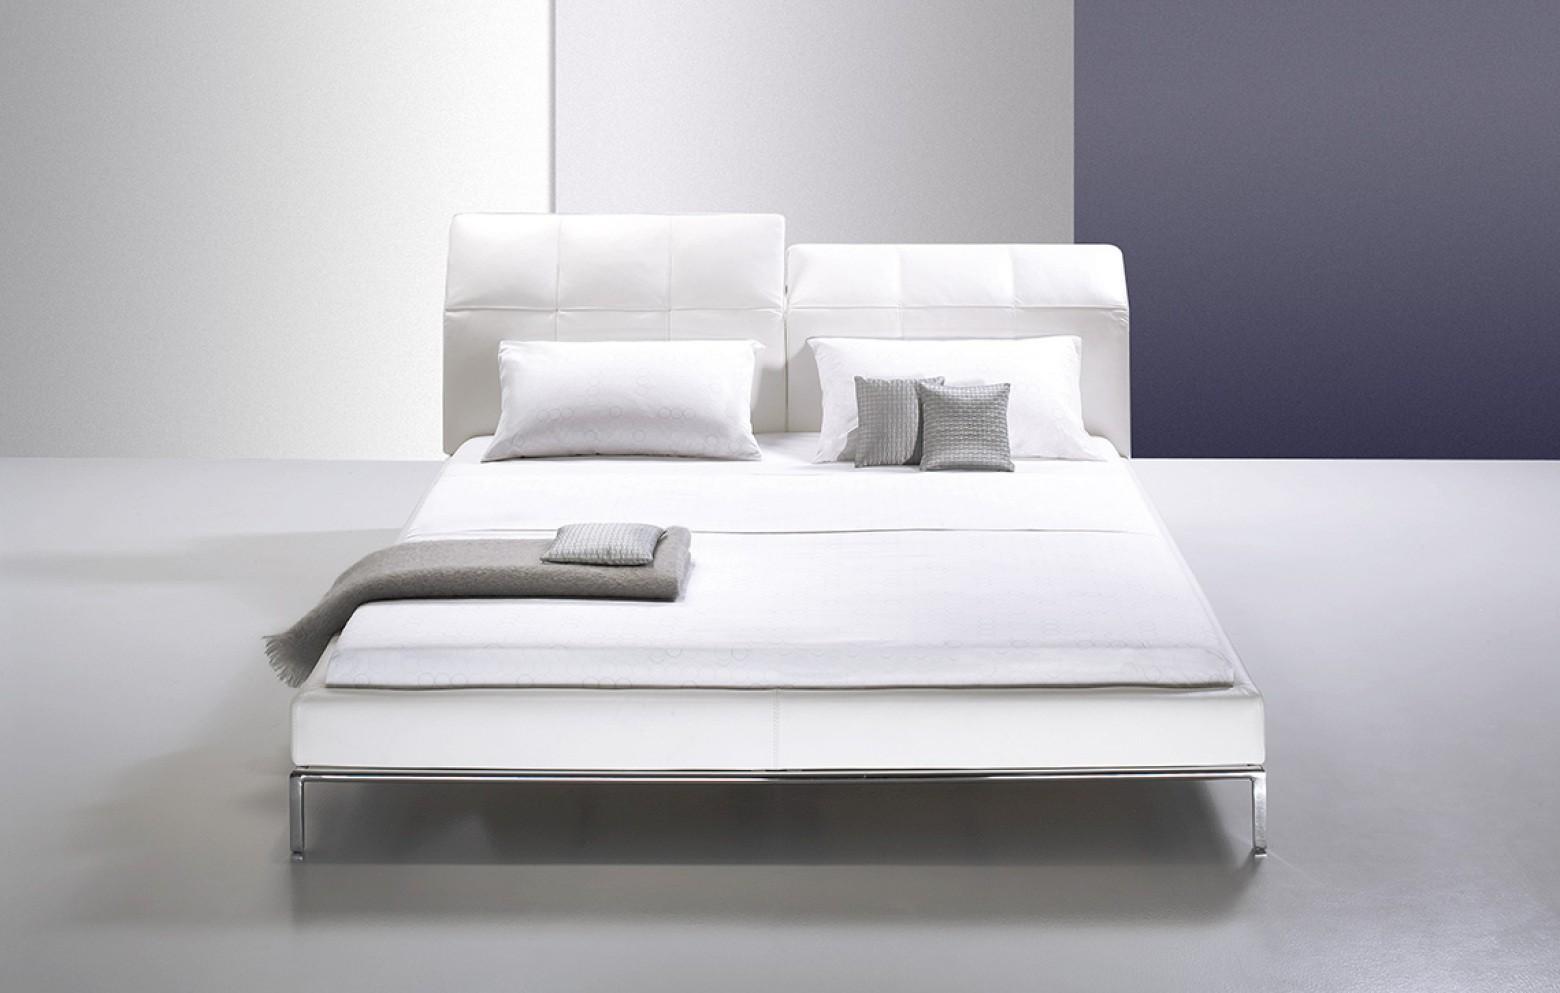 Full Size of Luxus Bett Philadelphia Luxusleder Betten Schrnke Whos Stauraum Bonprix Weiß 160x200 140x200 120 X 200 Himmel 120x200 Massivholz Mit Schubladen 90x200 Aus Bett Luxus Bett